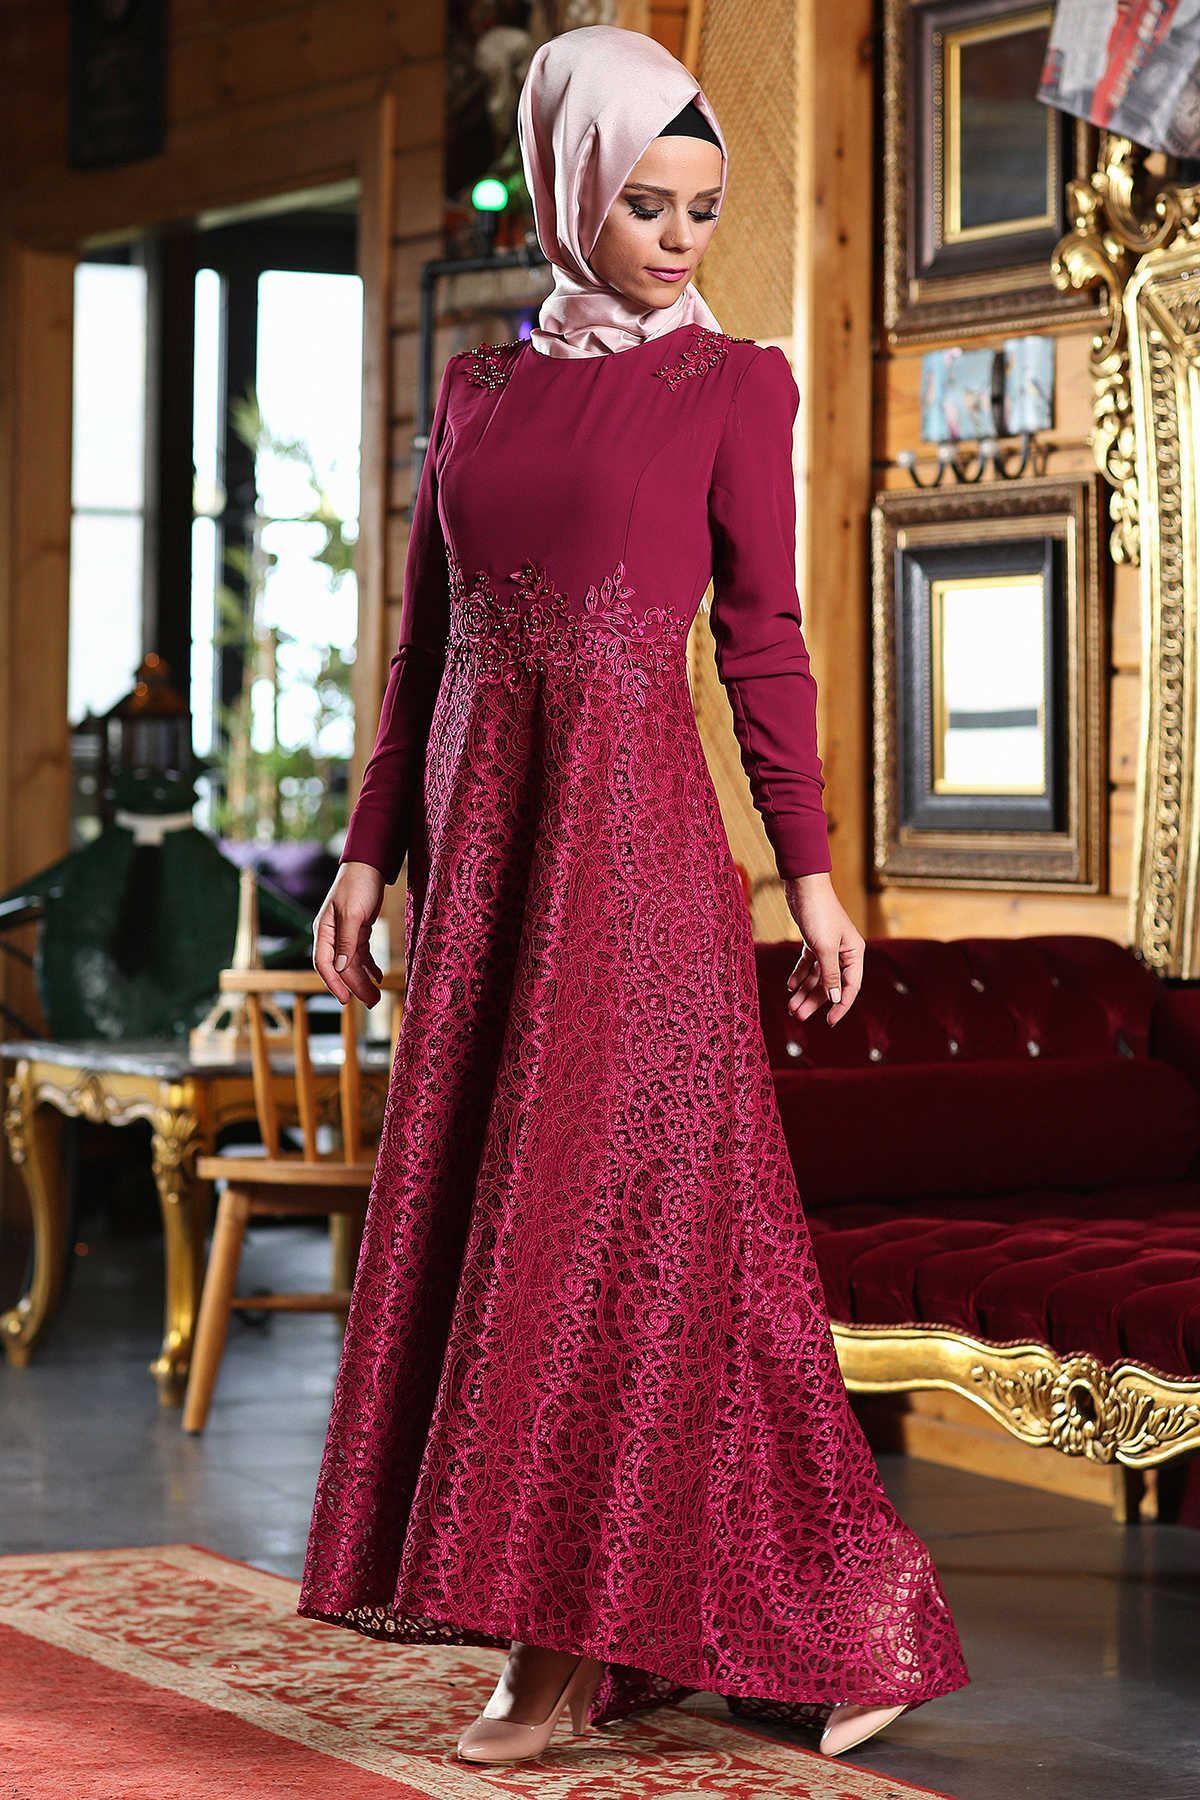 Patirti Tesettur Kuyruklu Elbise Modelleri The Dress Aksamustu Giysileri Moda Stilleri